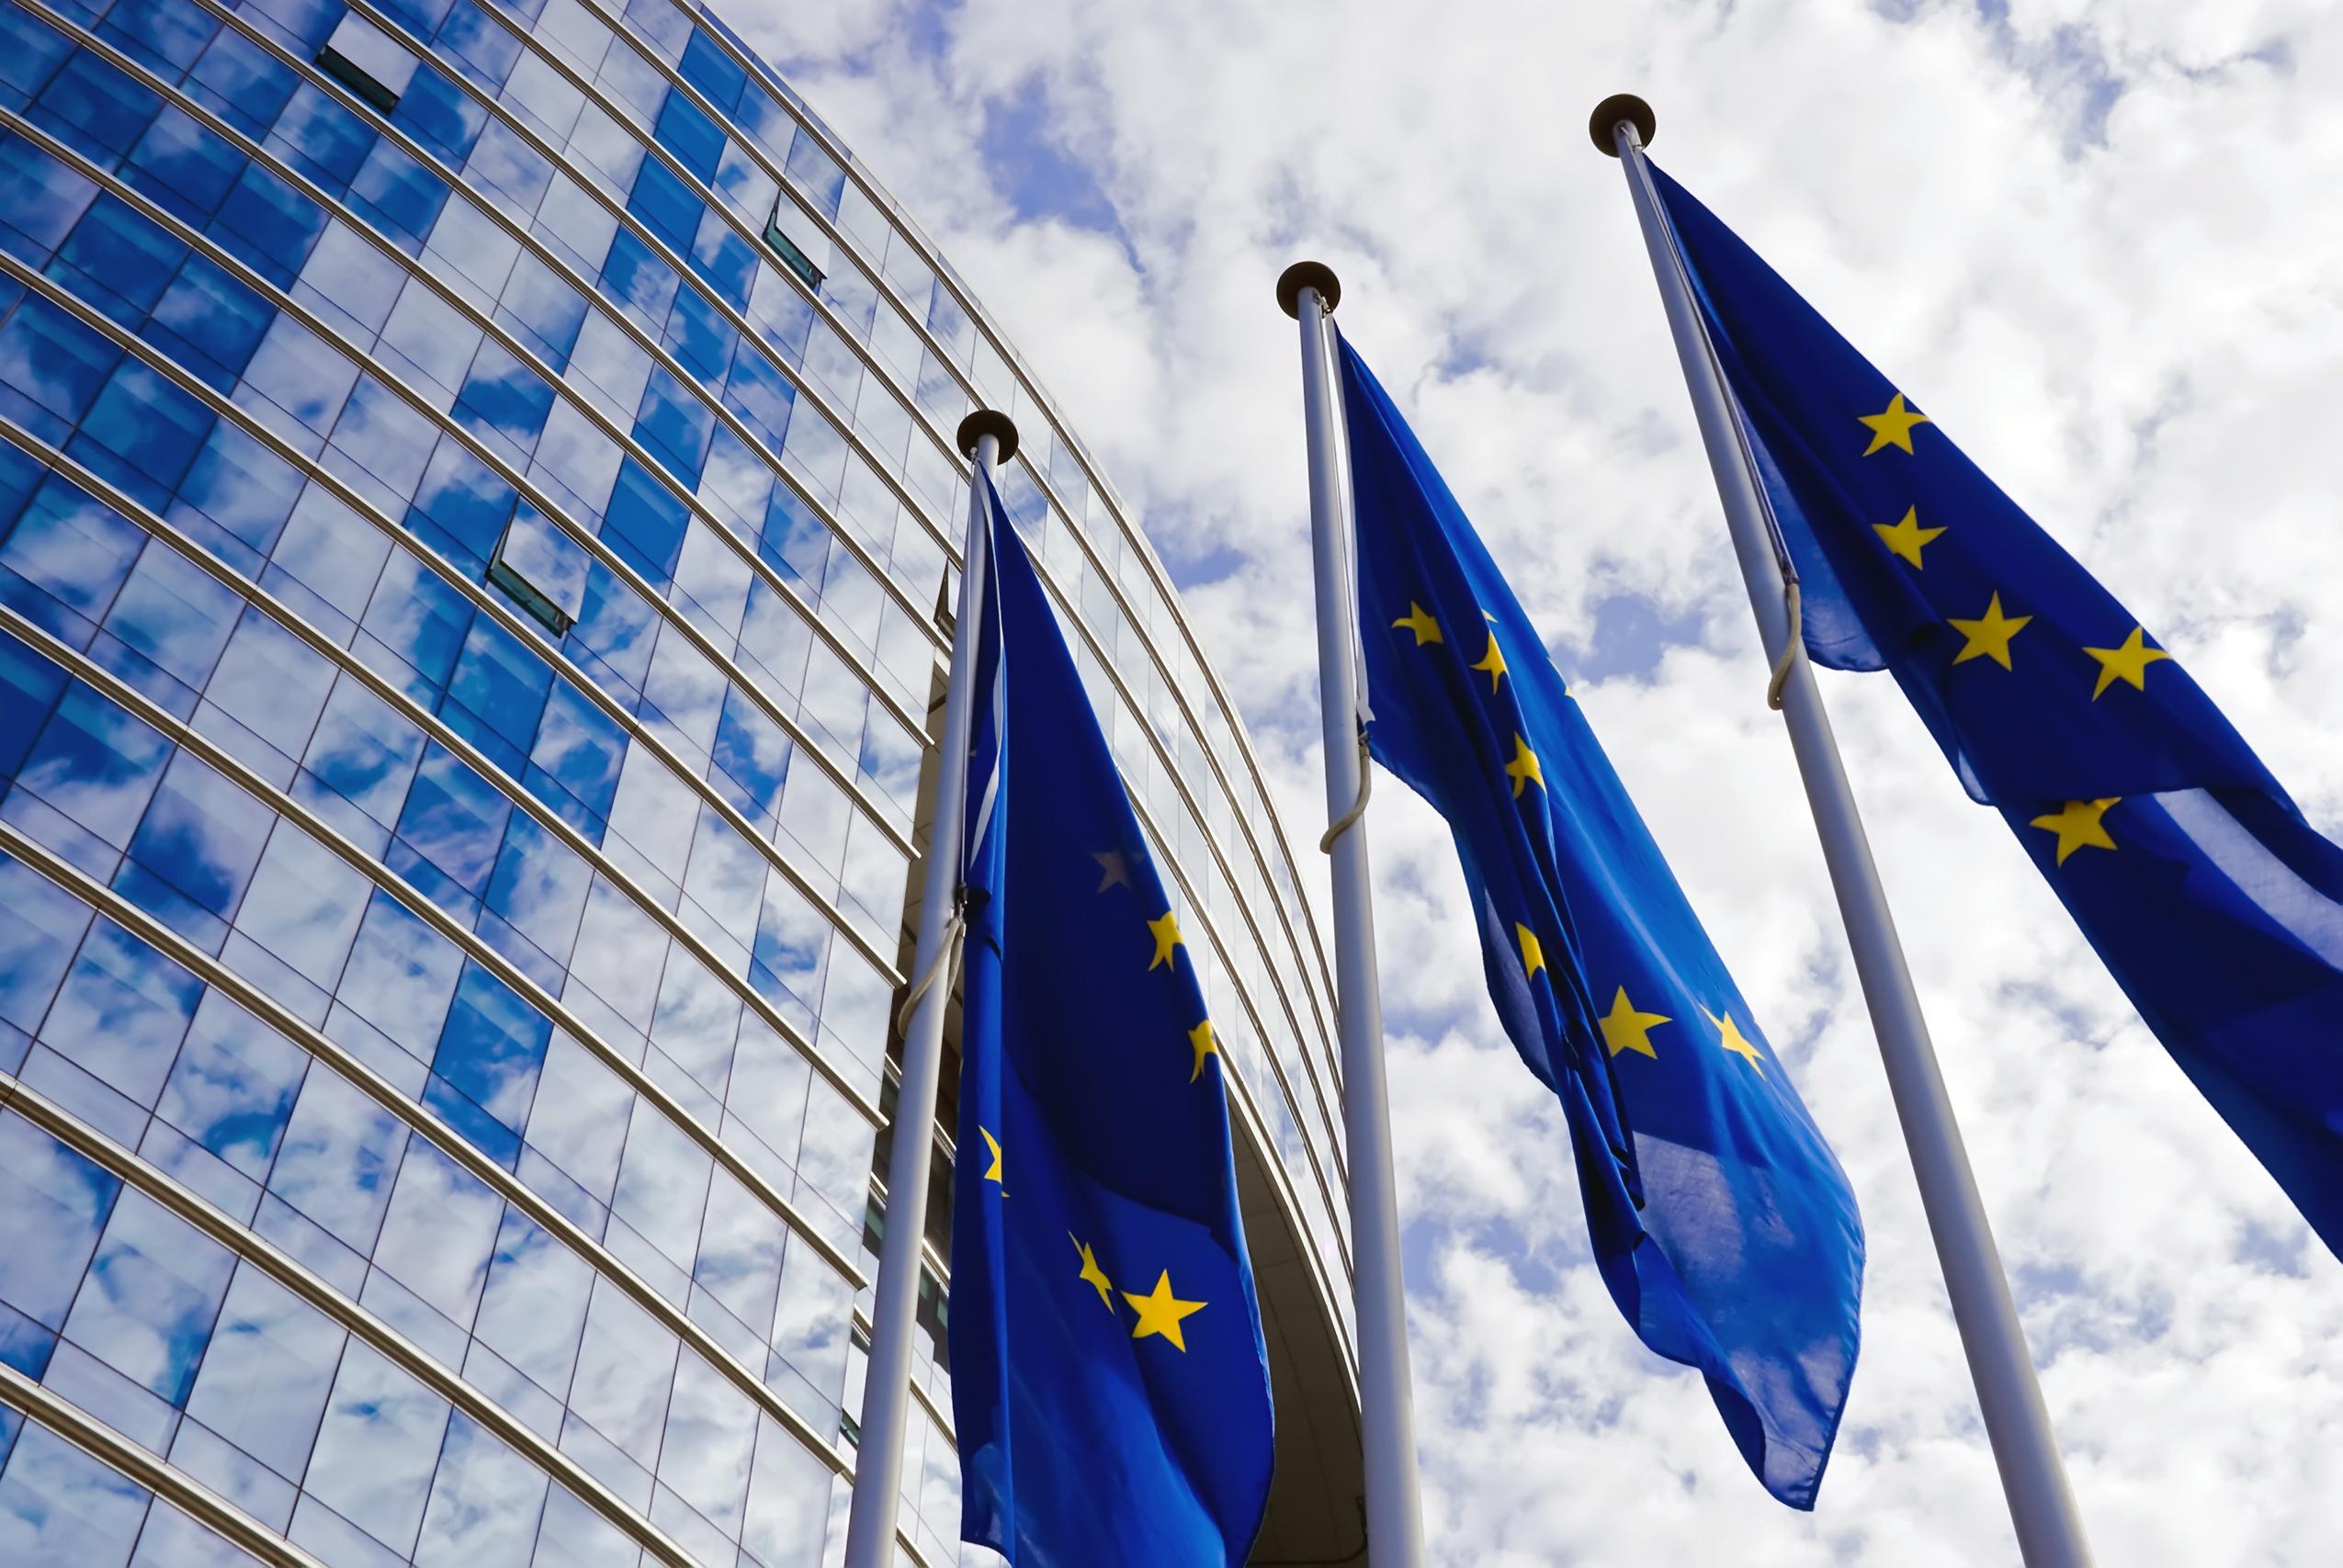 Il provvedimento amministrativo in contrasto con il Diritto dell'Unione Europea